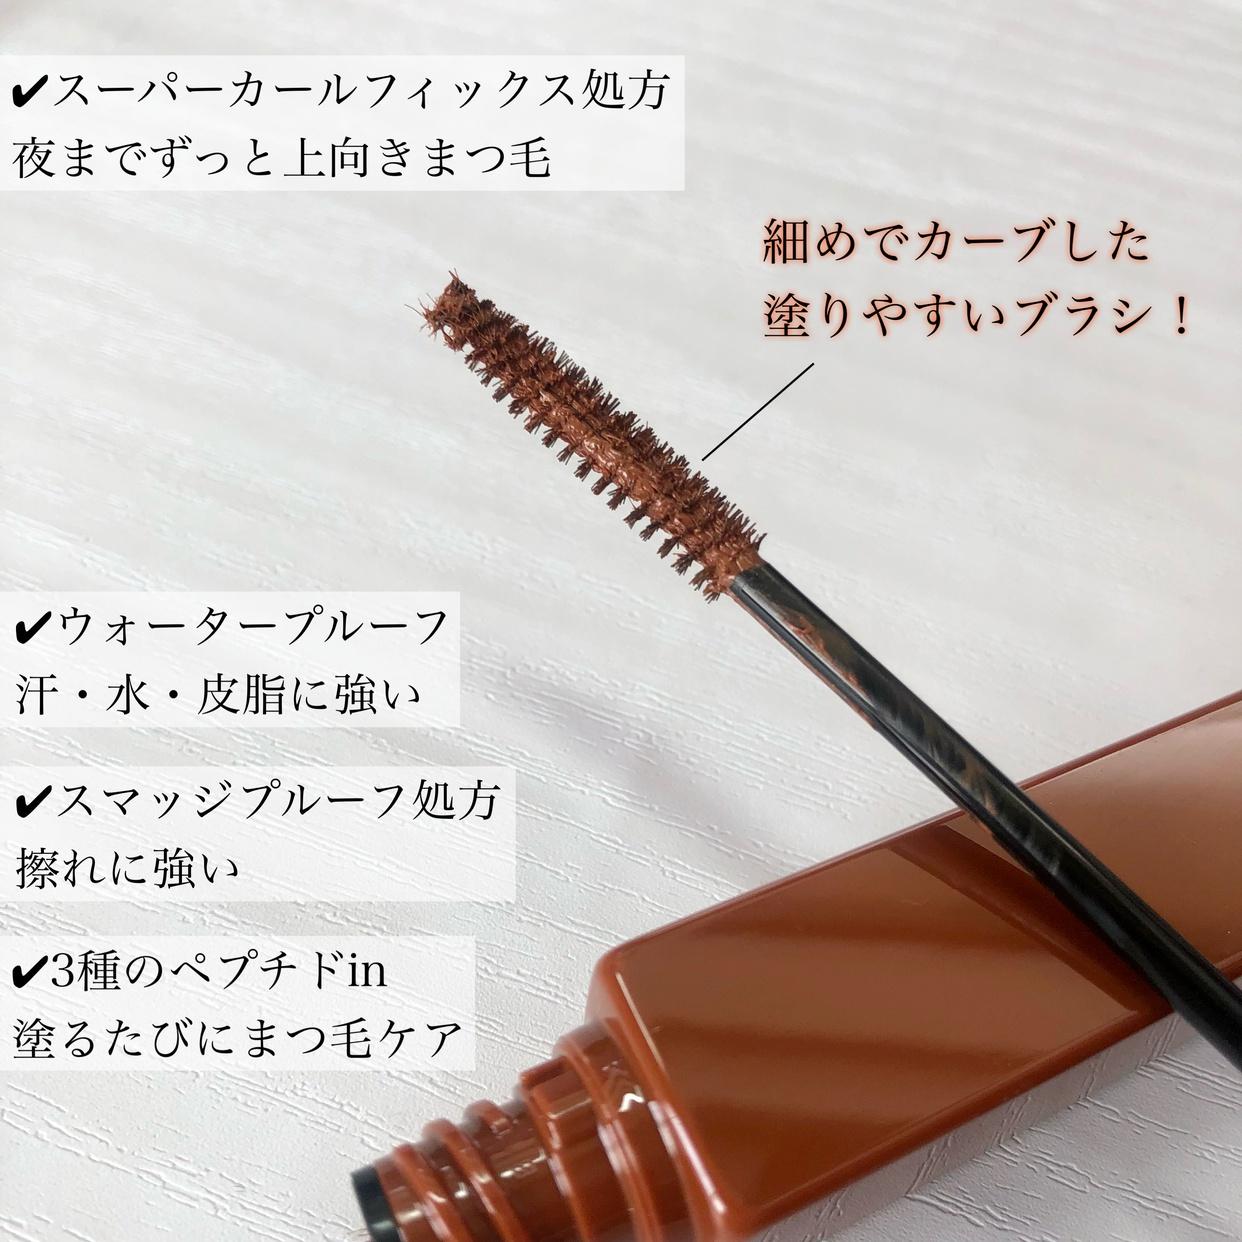 excel(エクセル) ロング&カラードラッシュの良い点・メリットに関するsachikoさんの口コミ画像3